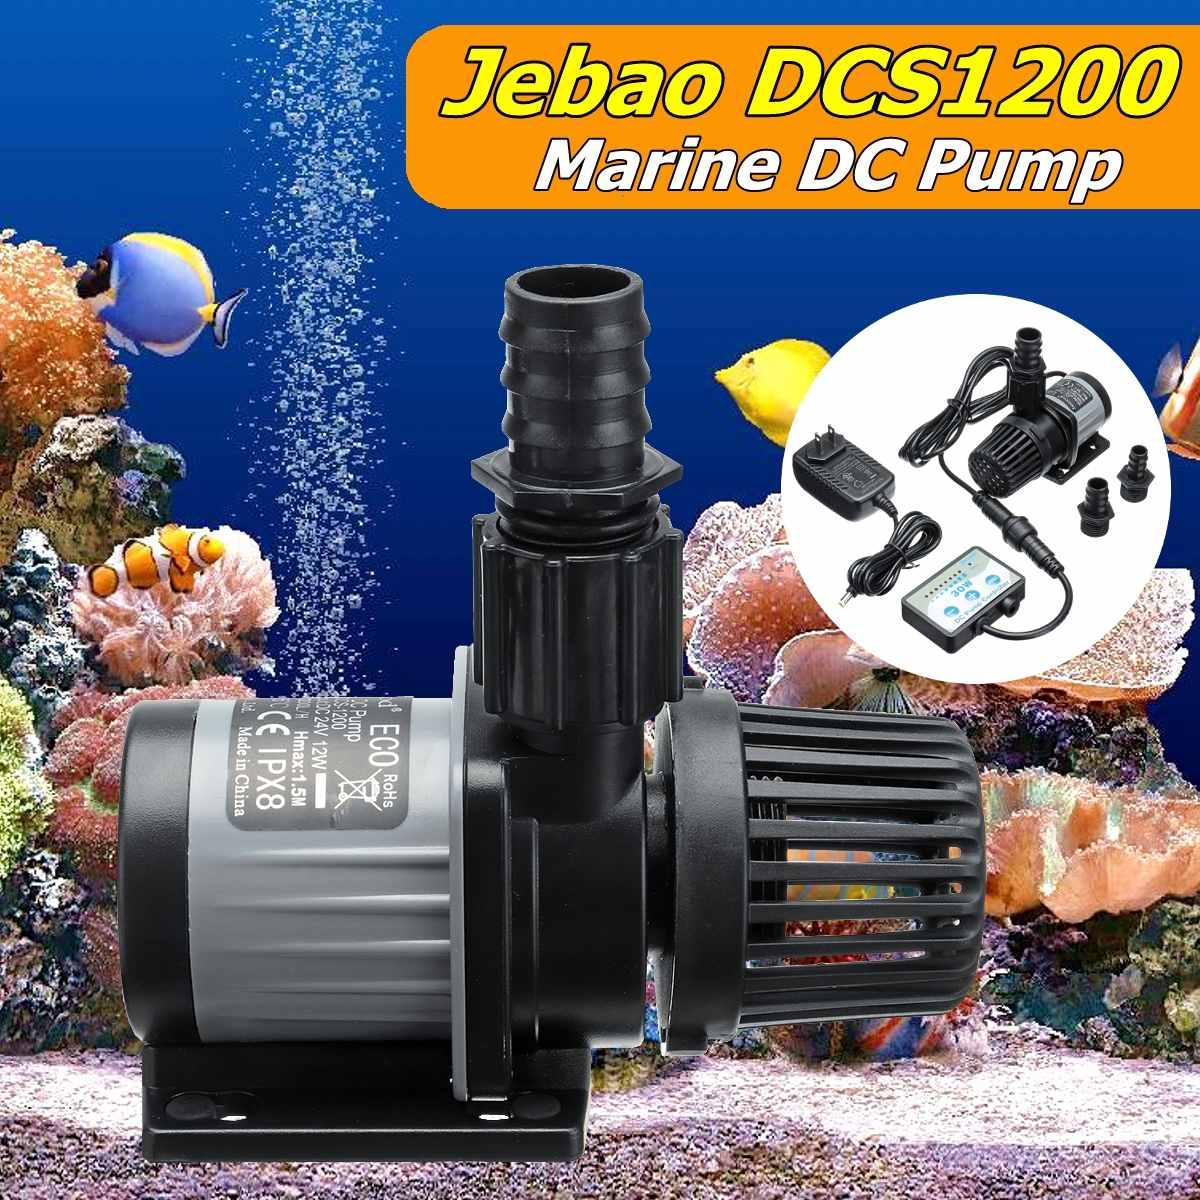 Jebao Jecod DCS 1200 eau Submersible Aquarium retour pompe poisson réservoir contrôleur